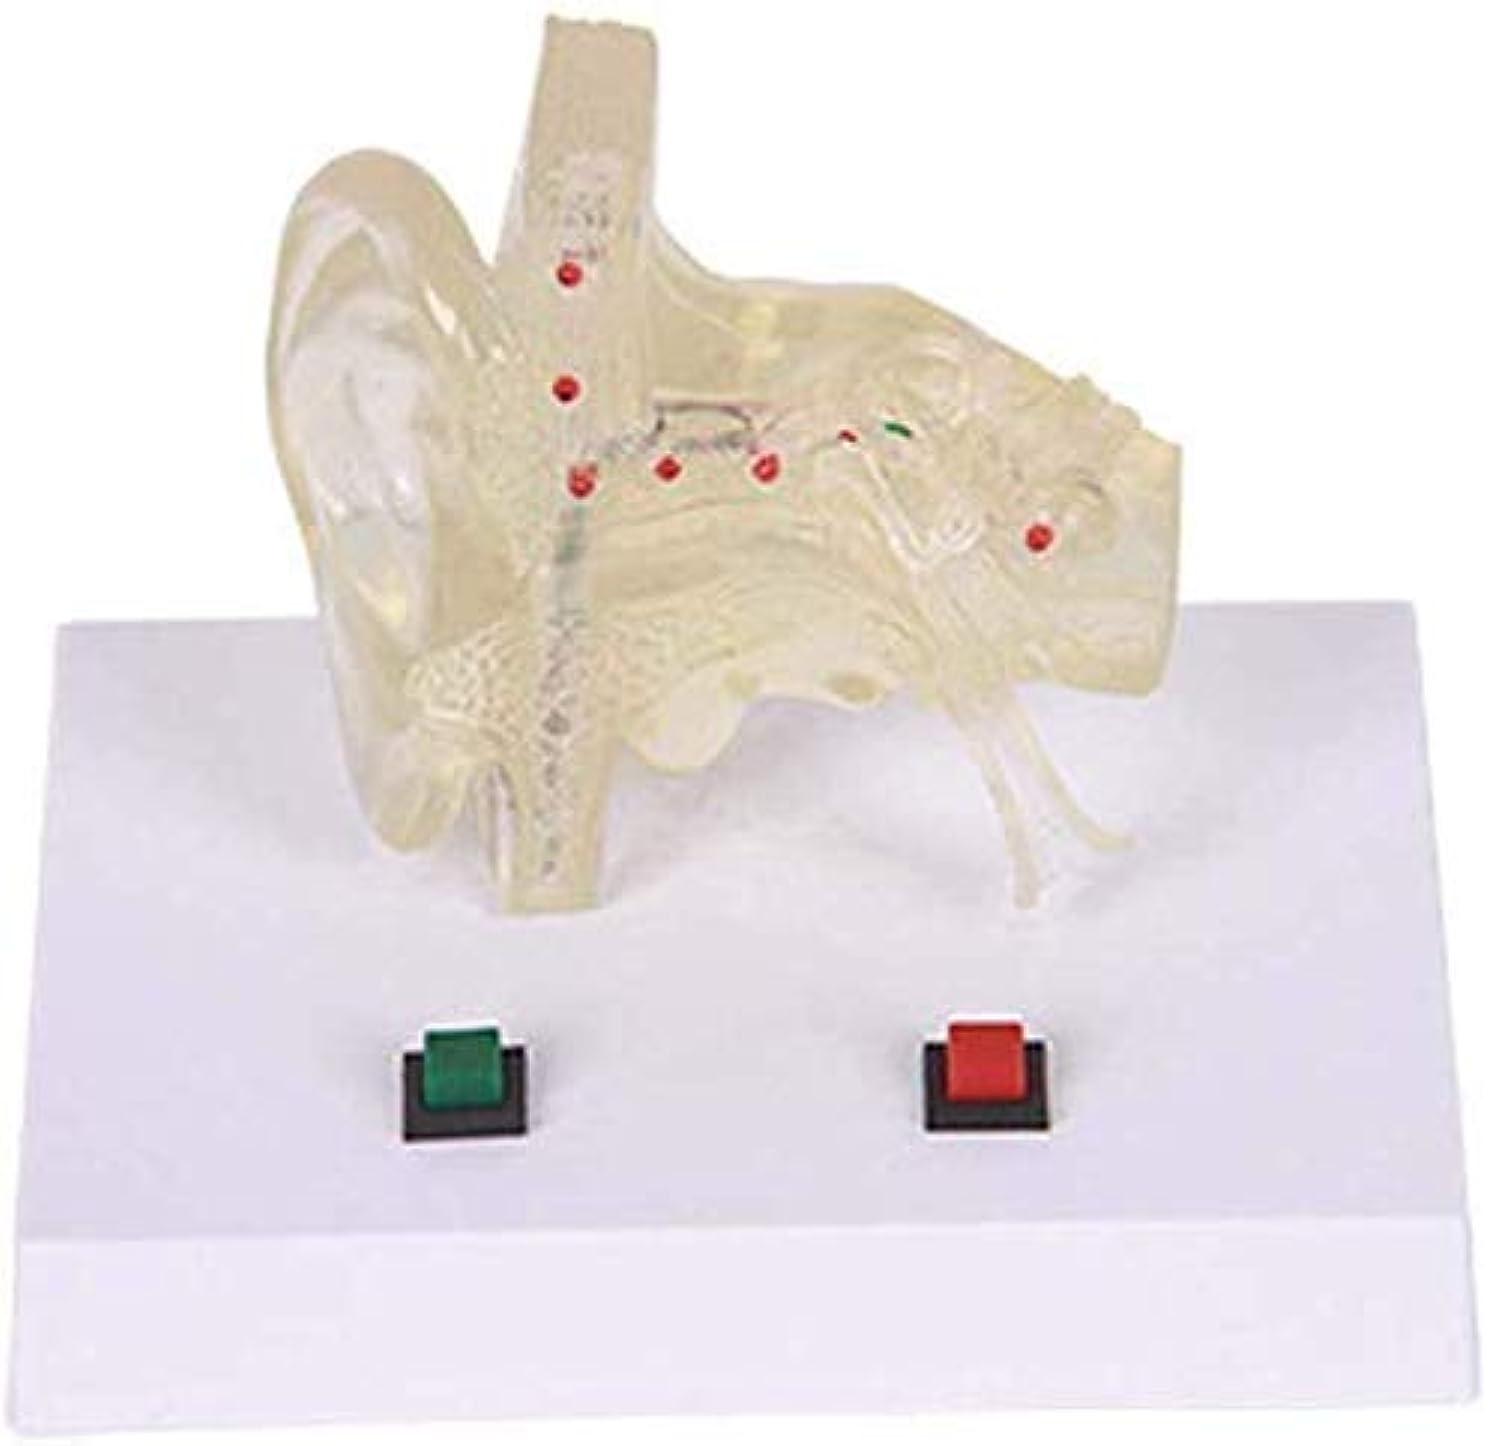 かなり依存する高める教育モデル医療解剖耳モデル-人間の臓器モデル透明耳解剖モデル-生物科学モデル-研究用ディスプレイ